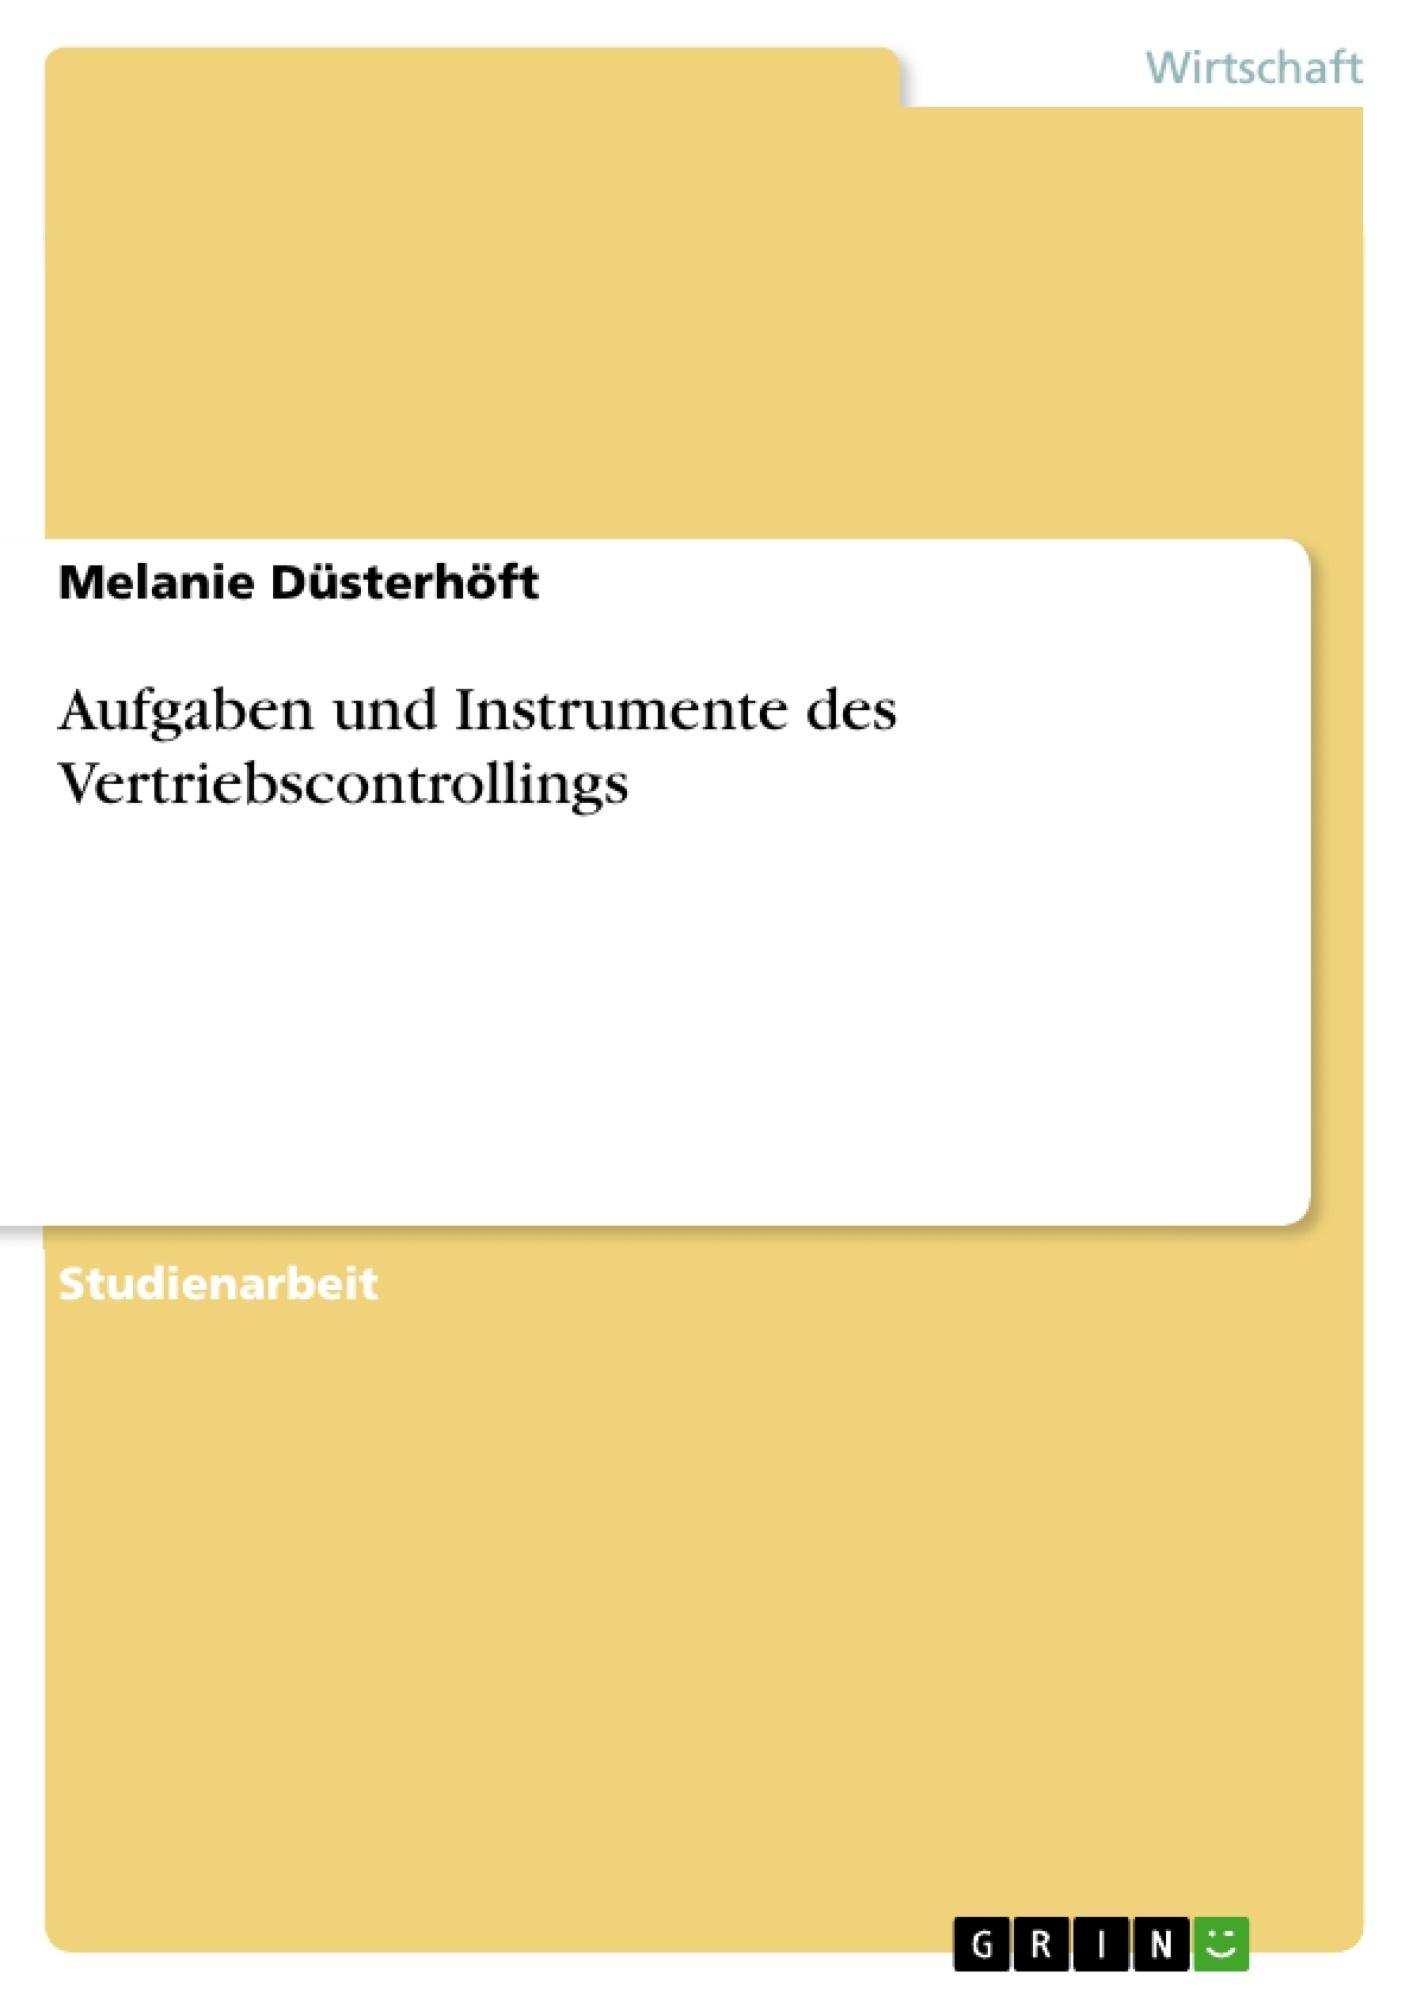 Titel: Aufgaben und Instrumente des Vertriebscontrollings